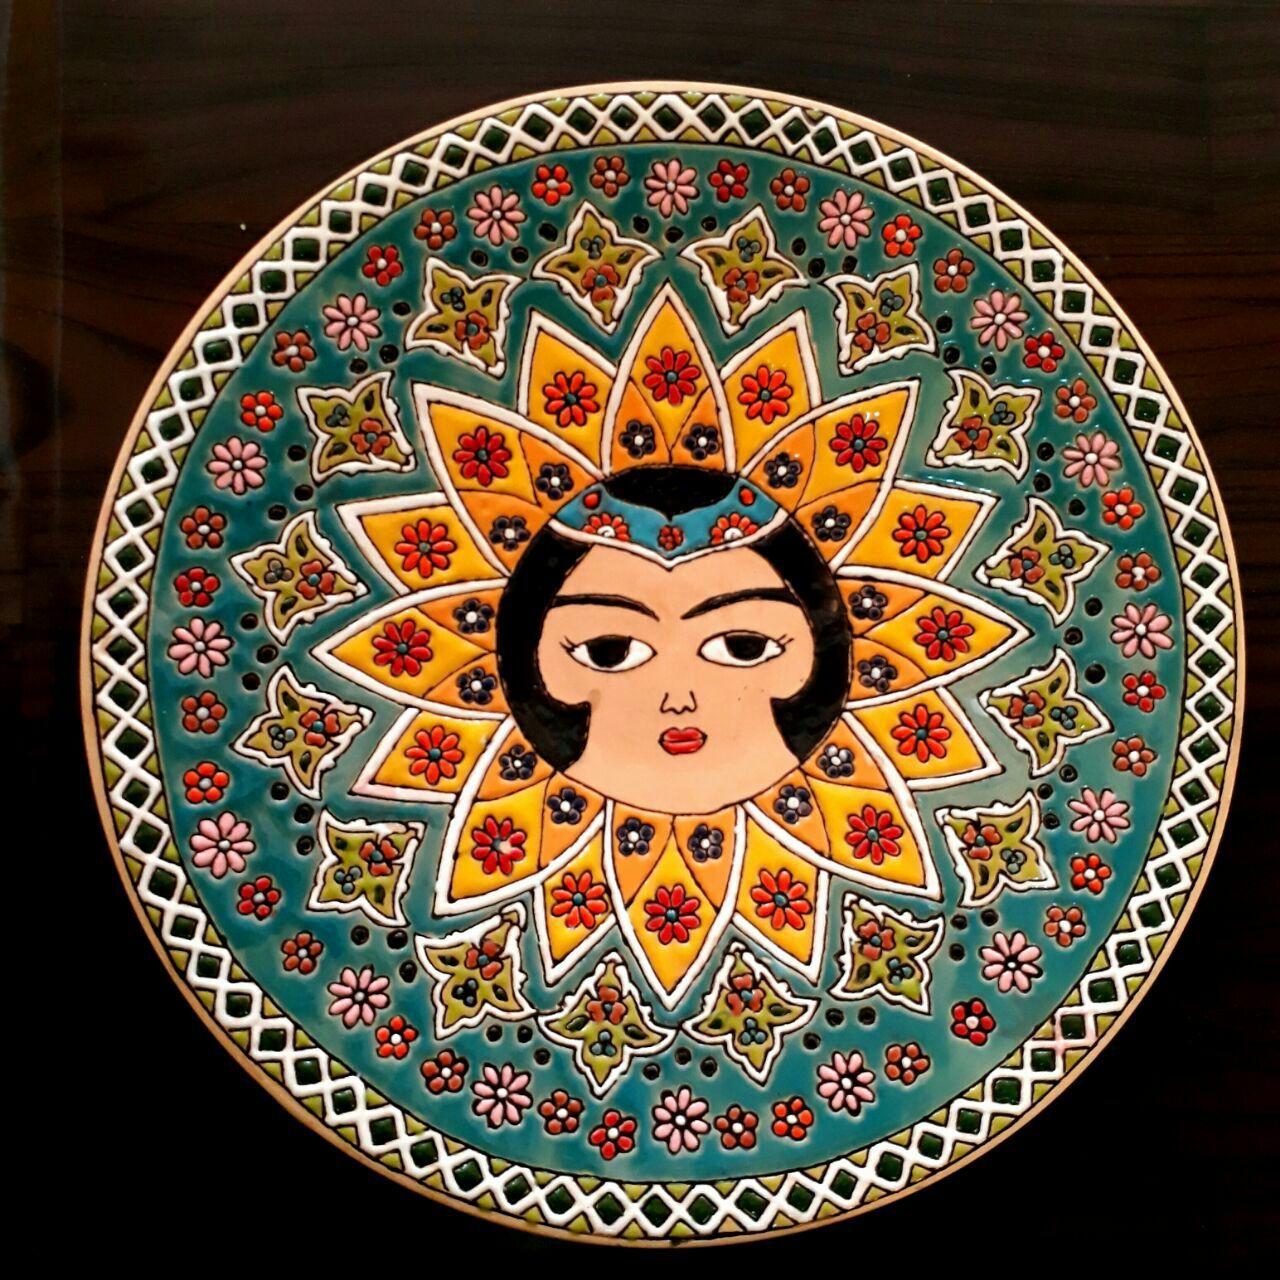 رضوان سادات طباطبایی فعال در رشته هنرهای تجسمی